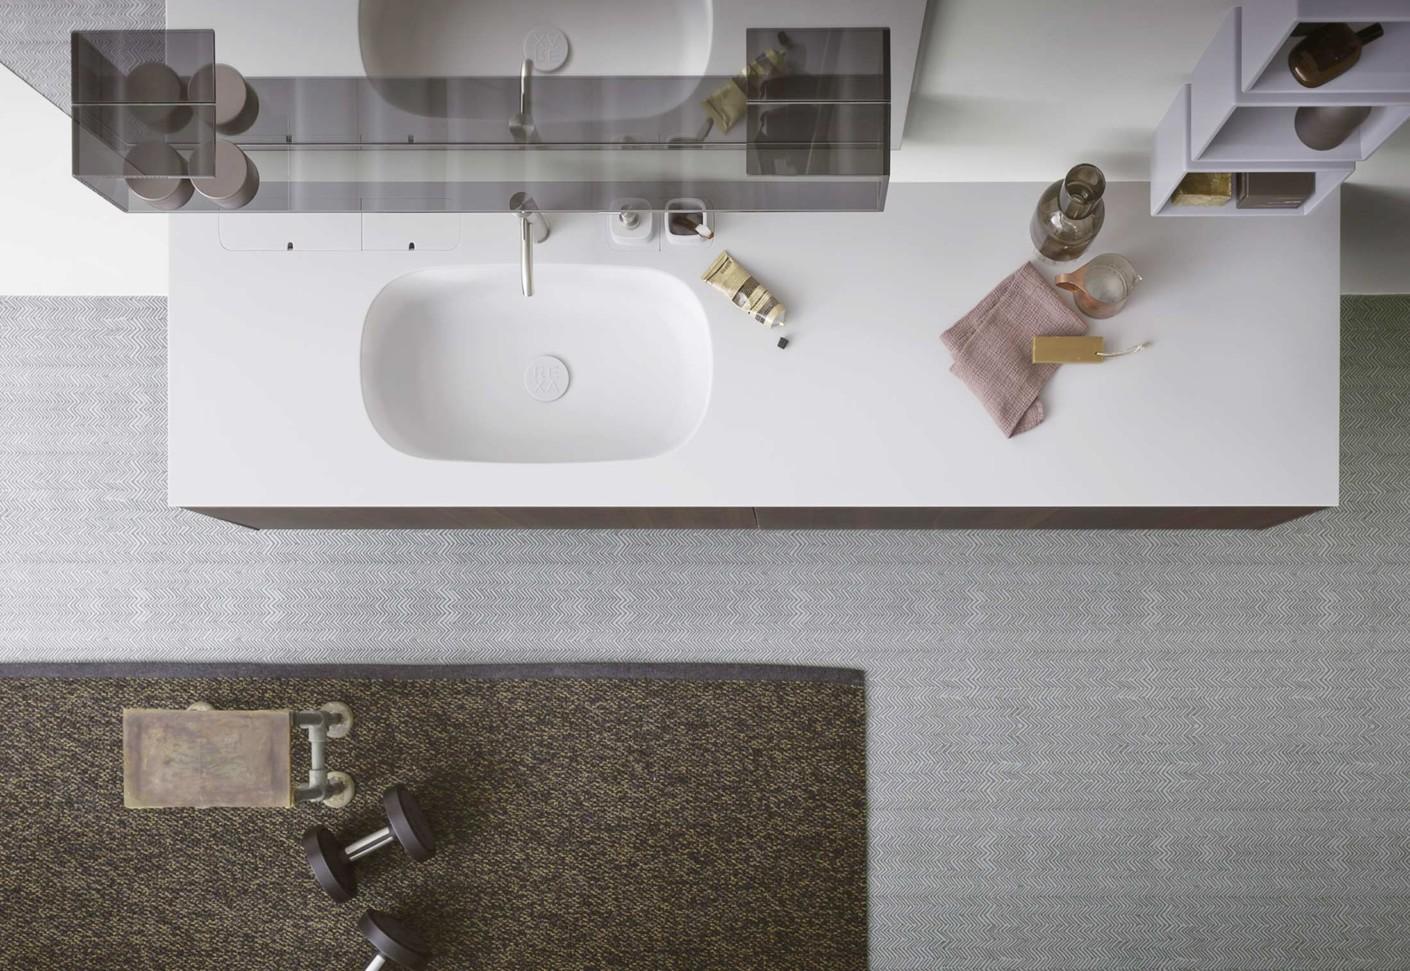 Wandgehangtes Waschbecken Beton Trendiges Design Wandgehangtes .